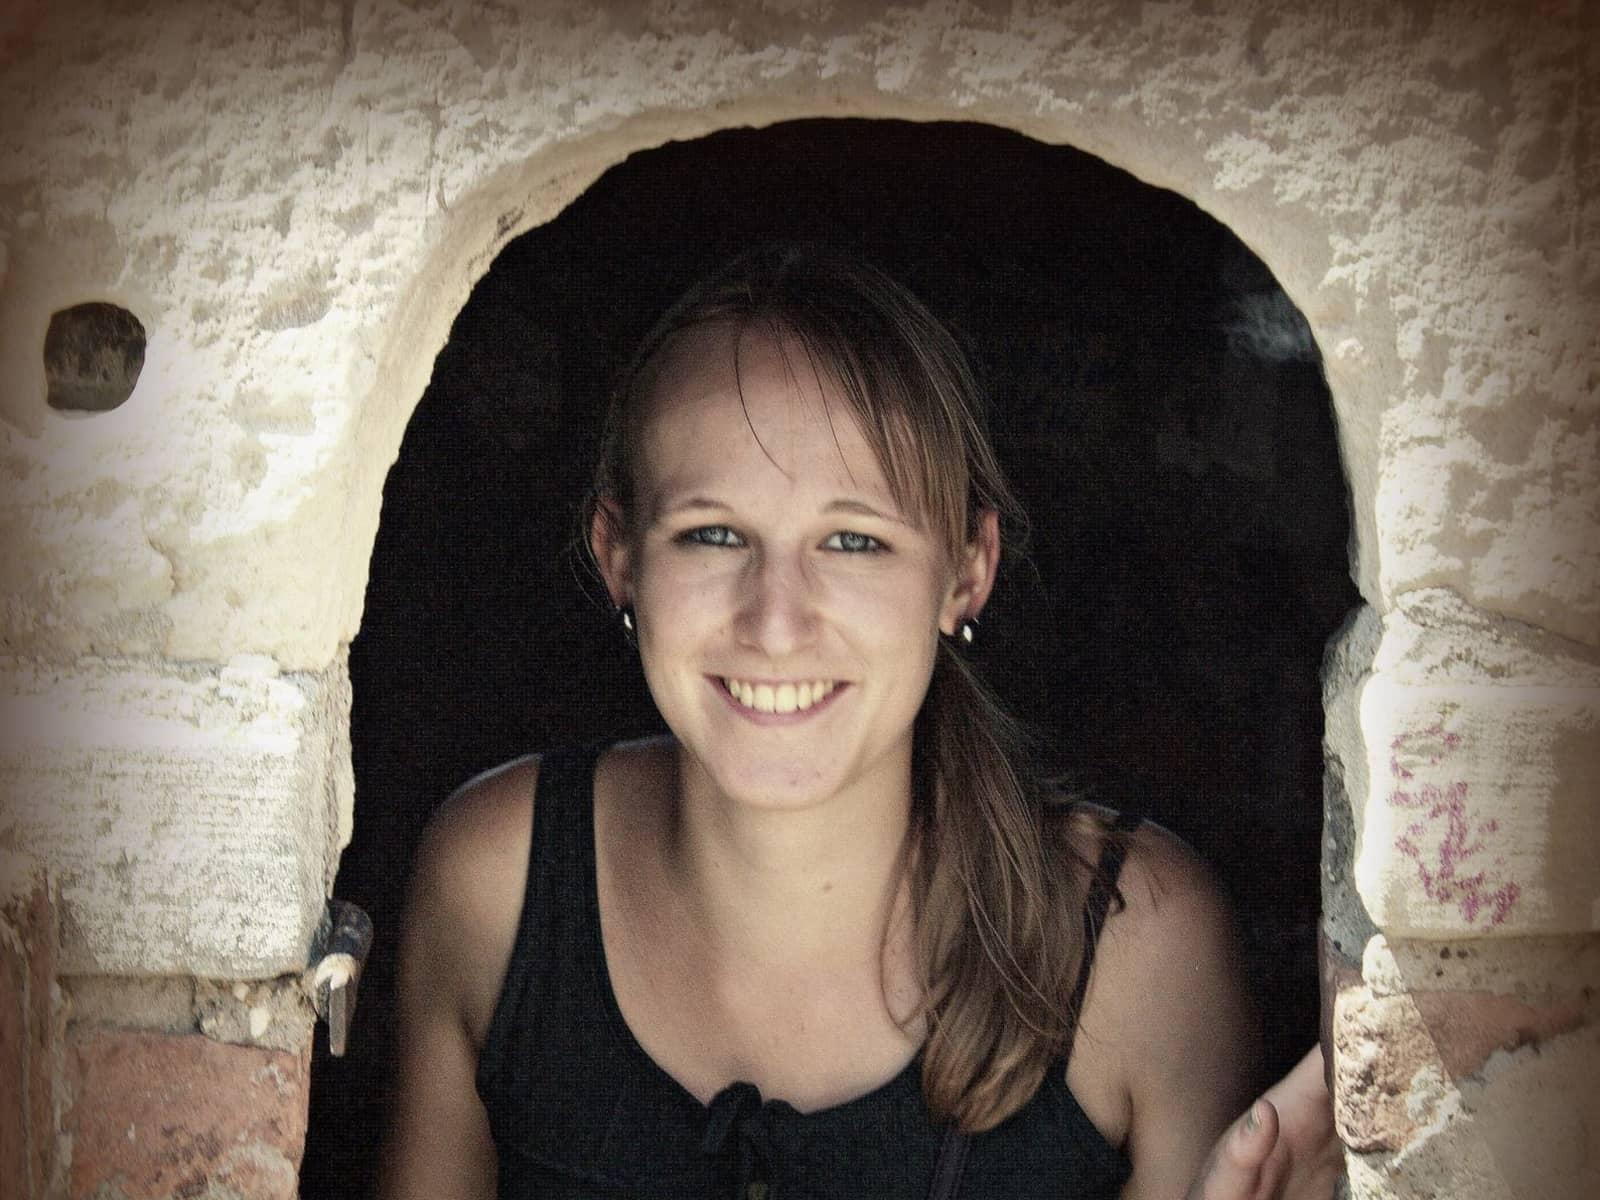 Cornelia from Bern, Switzerland